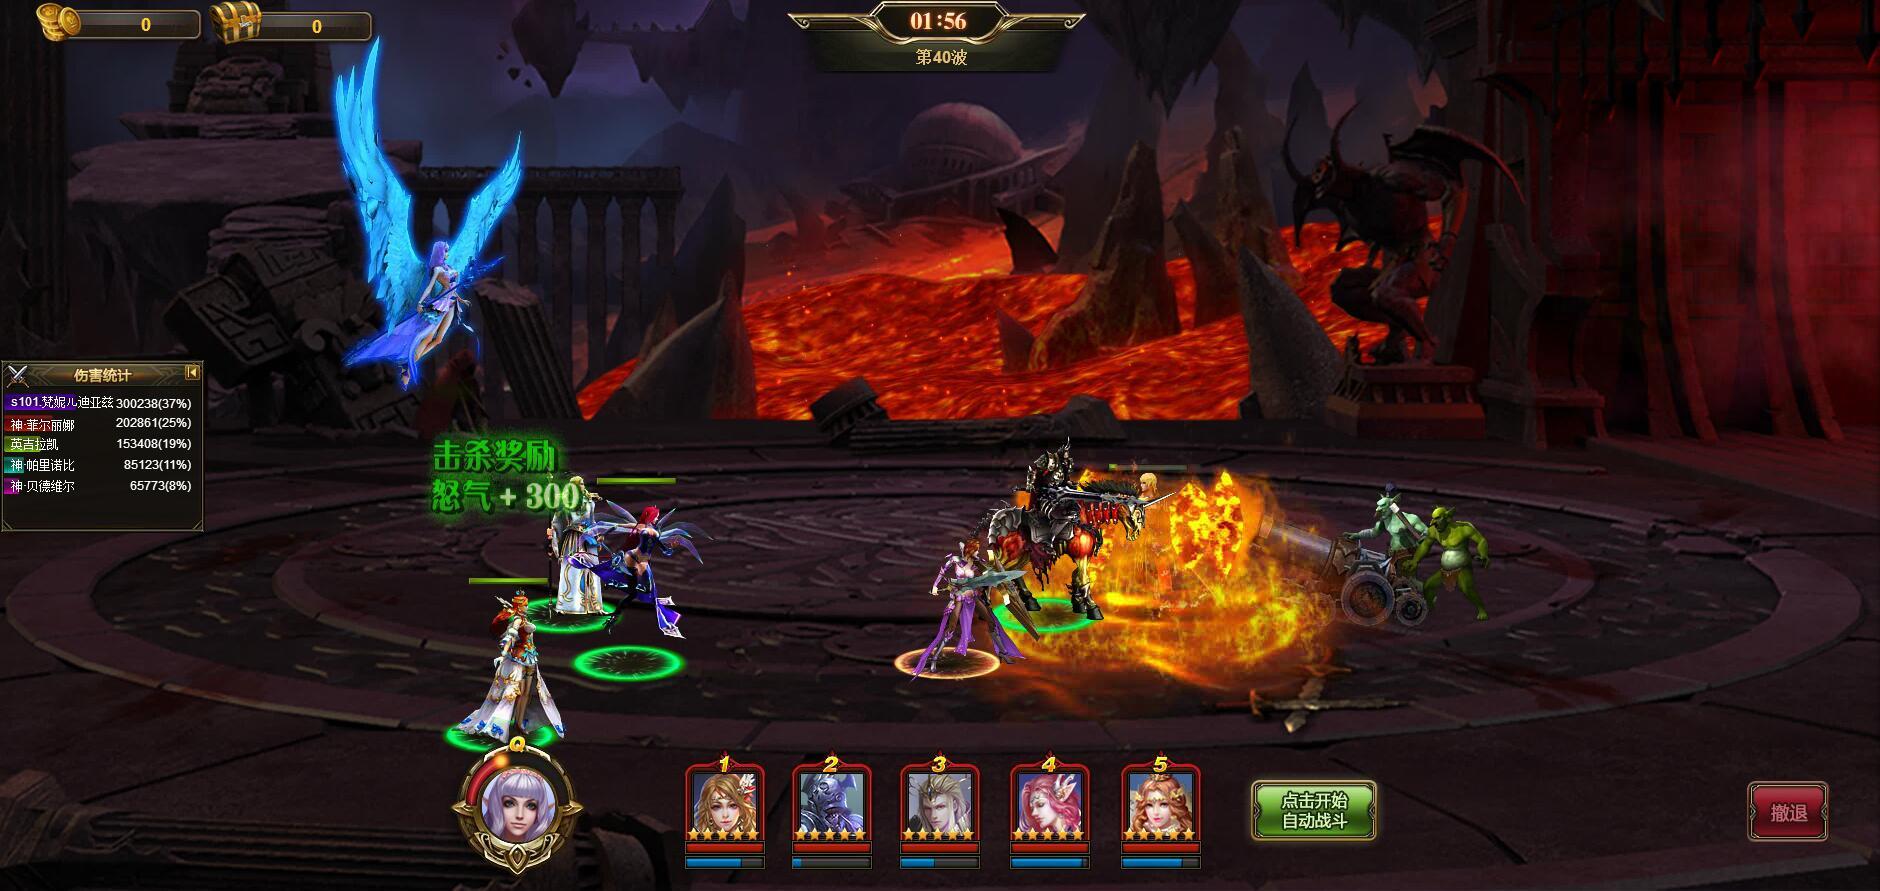 烈焰神魔游戏截图3